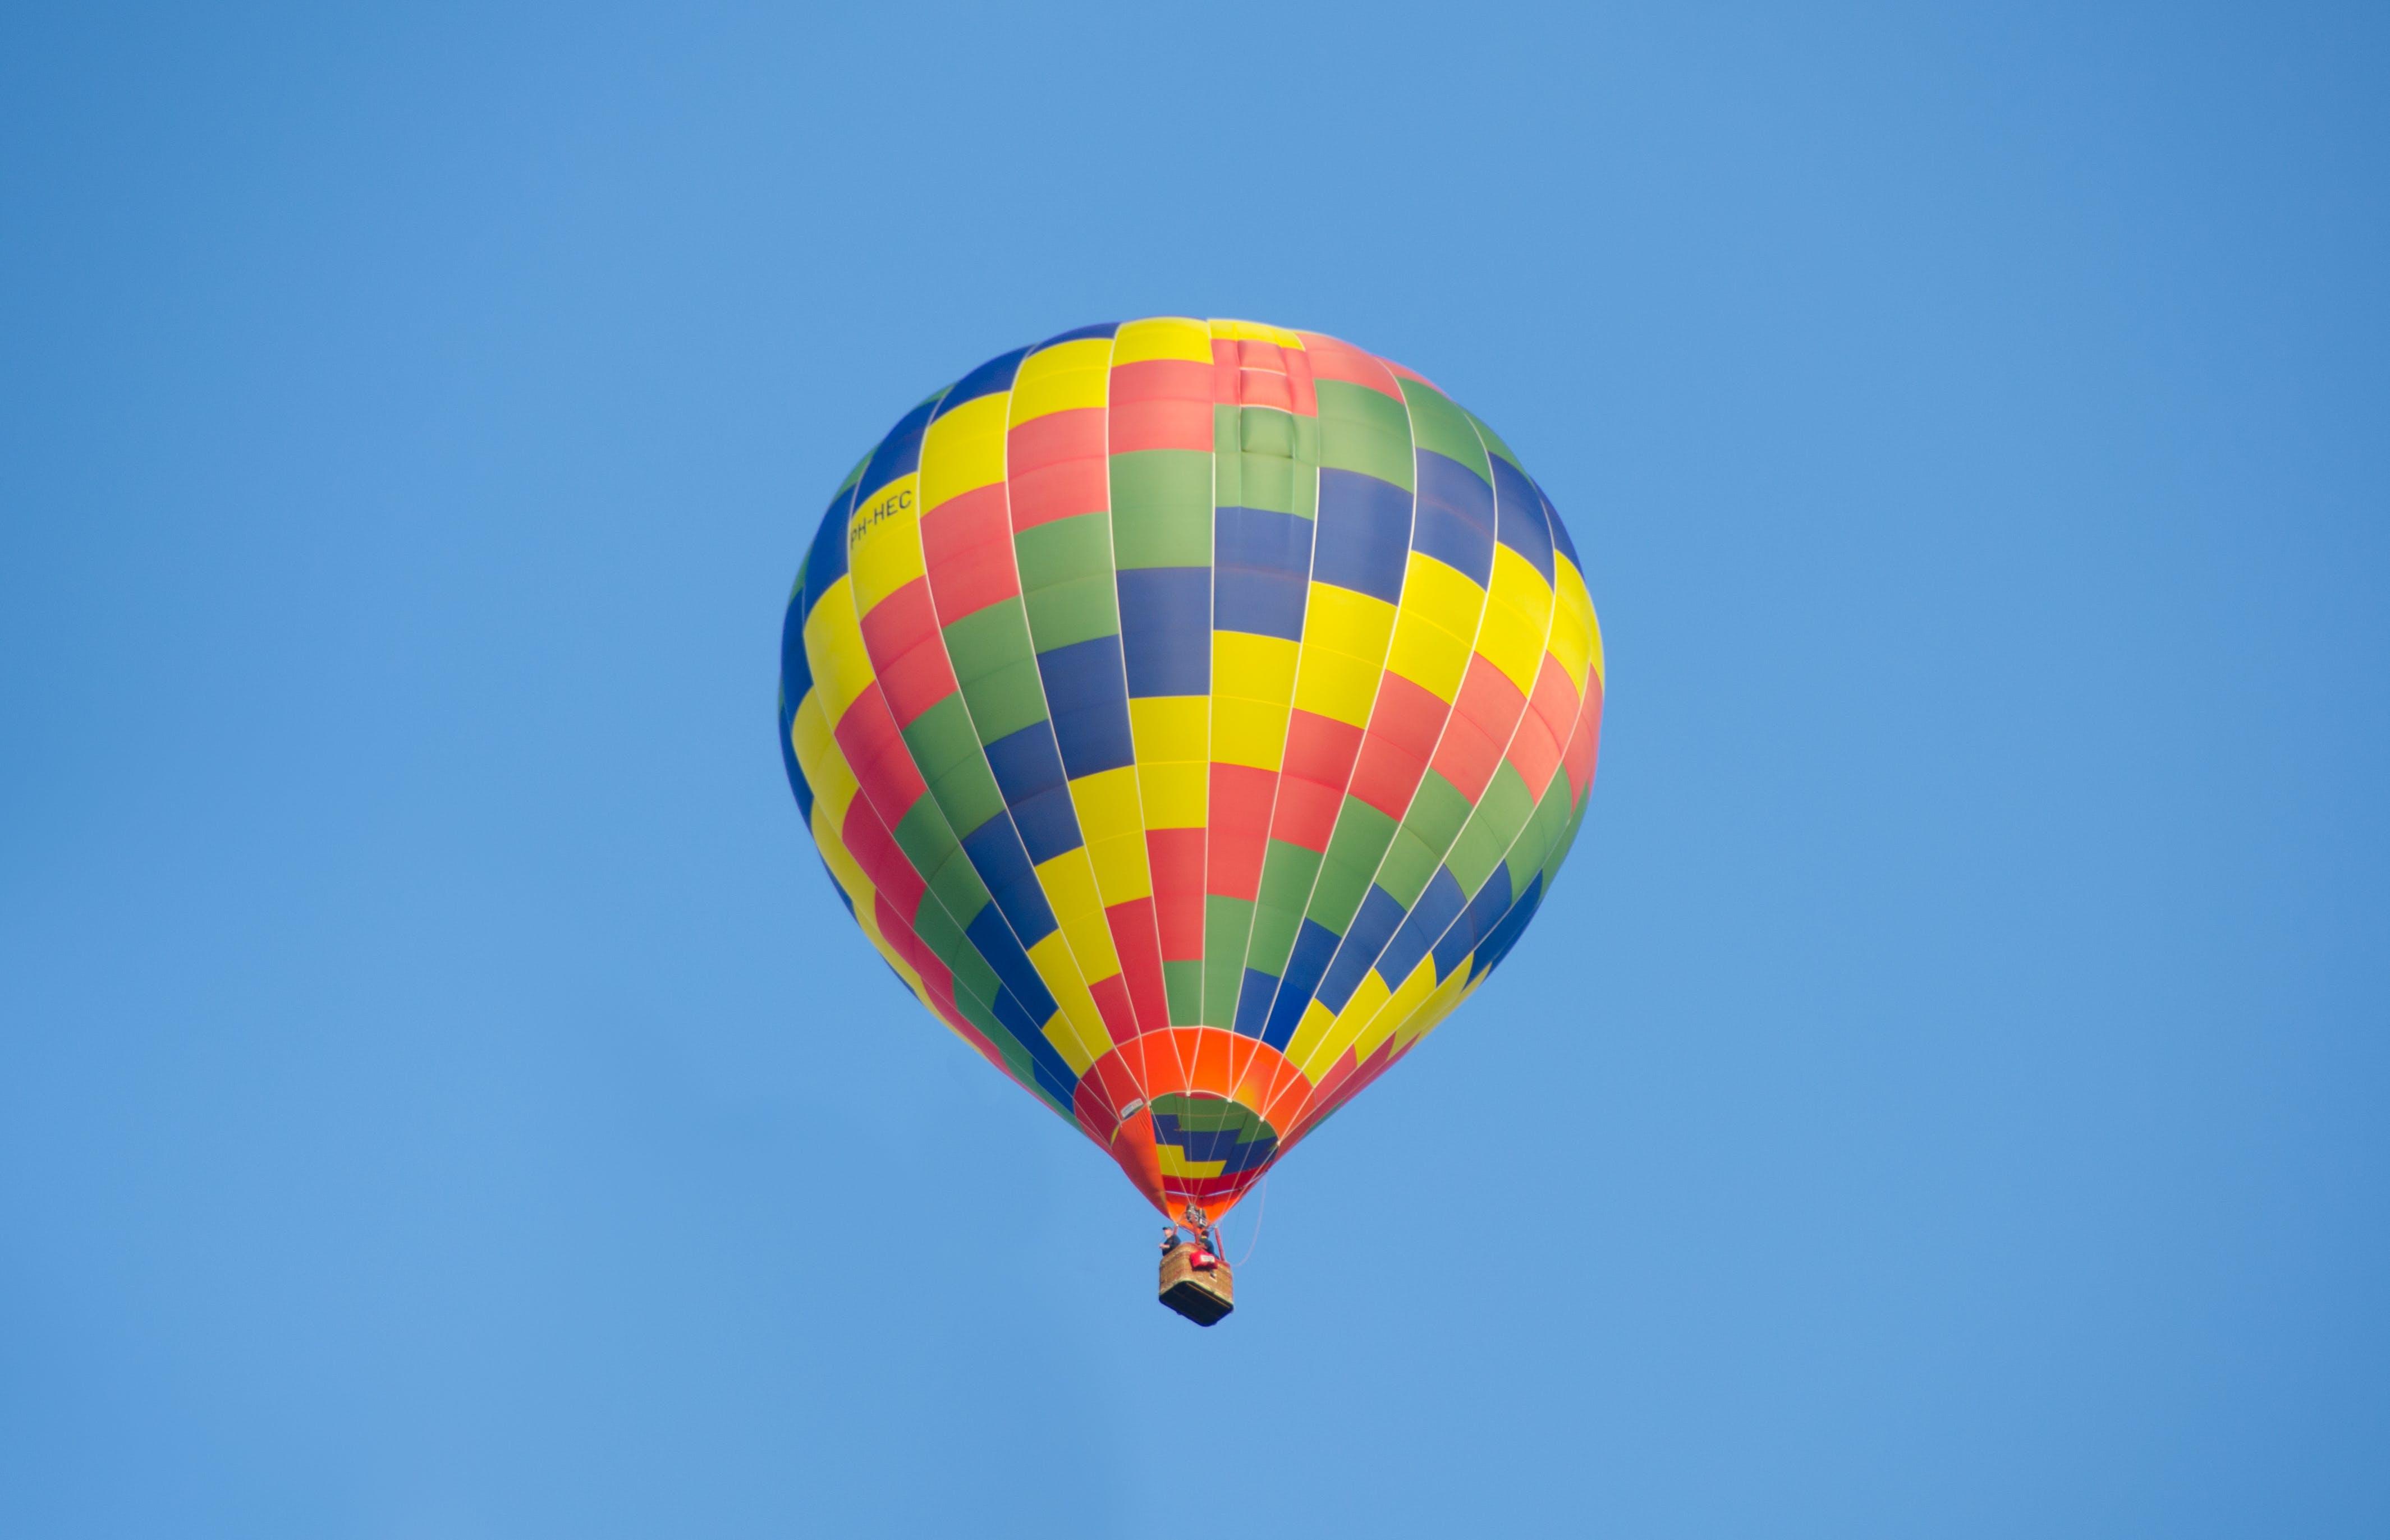 aktivitet, ballon, ballooning